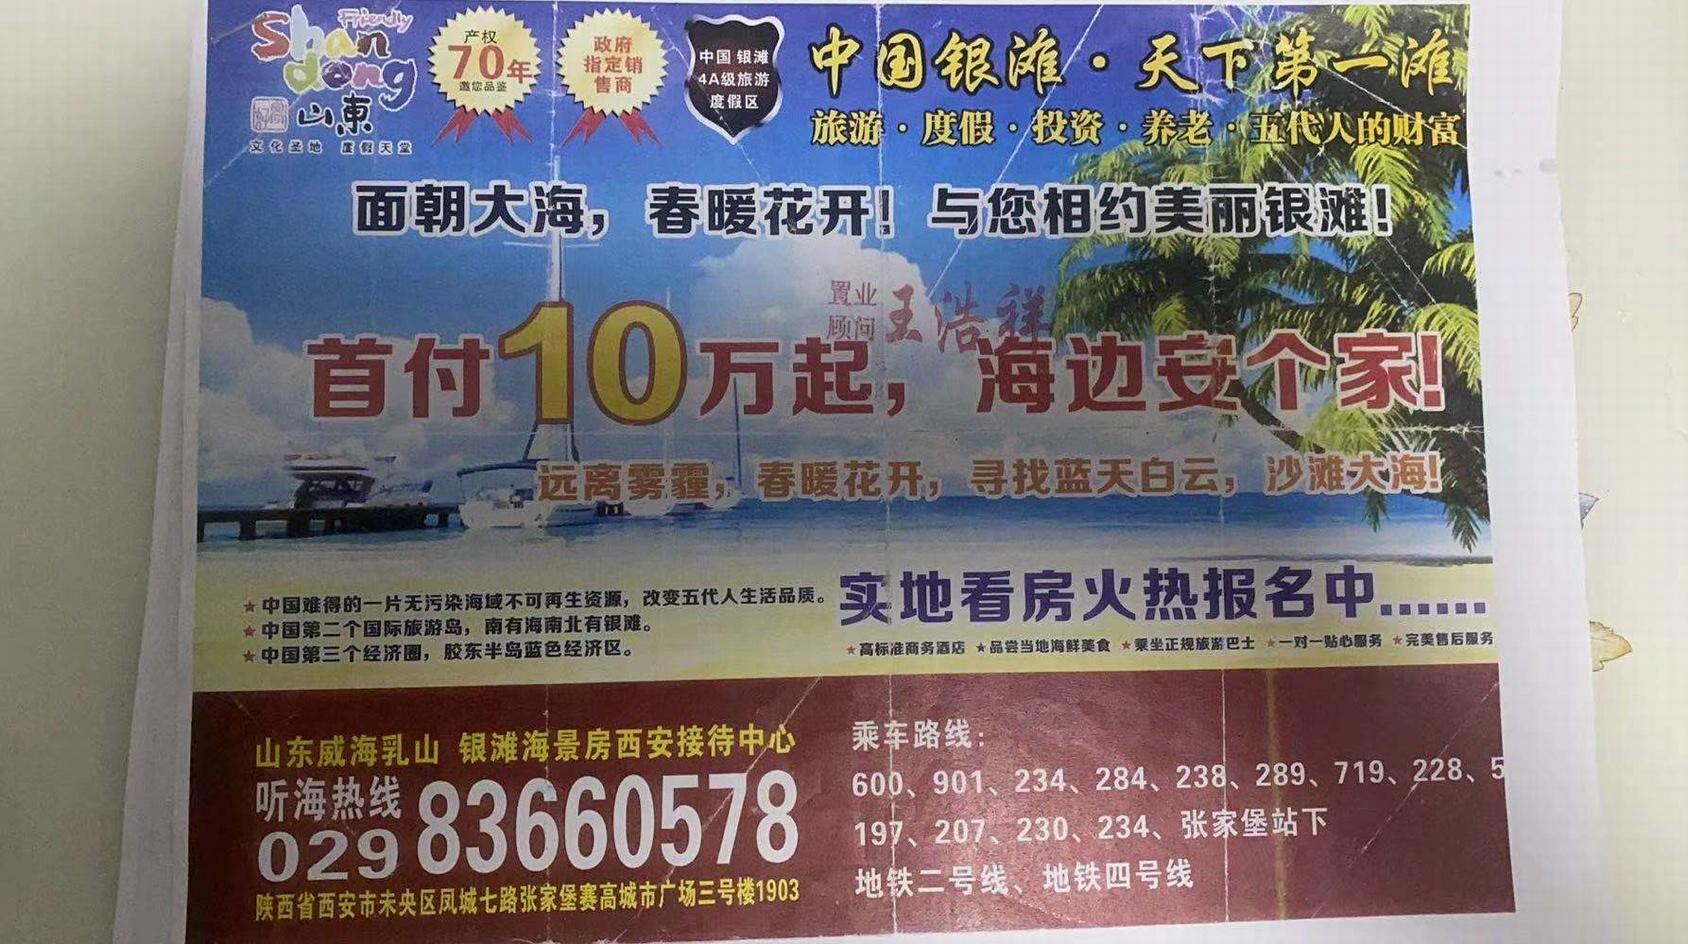 王庆华逛街时收到的关于乳山海景房宣传单。